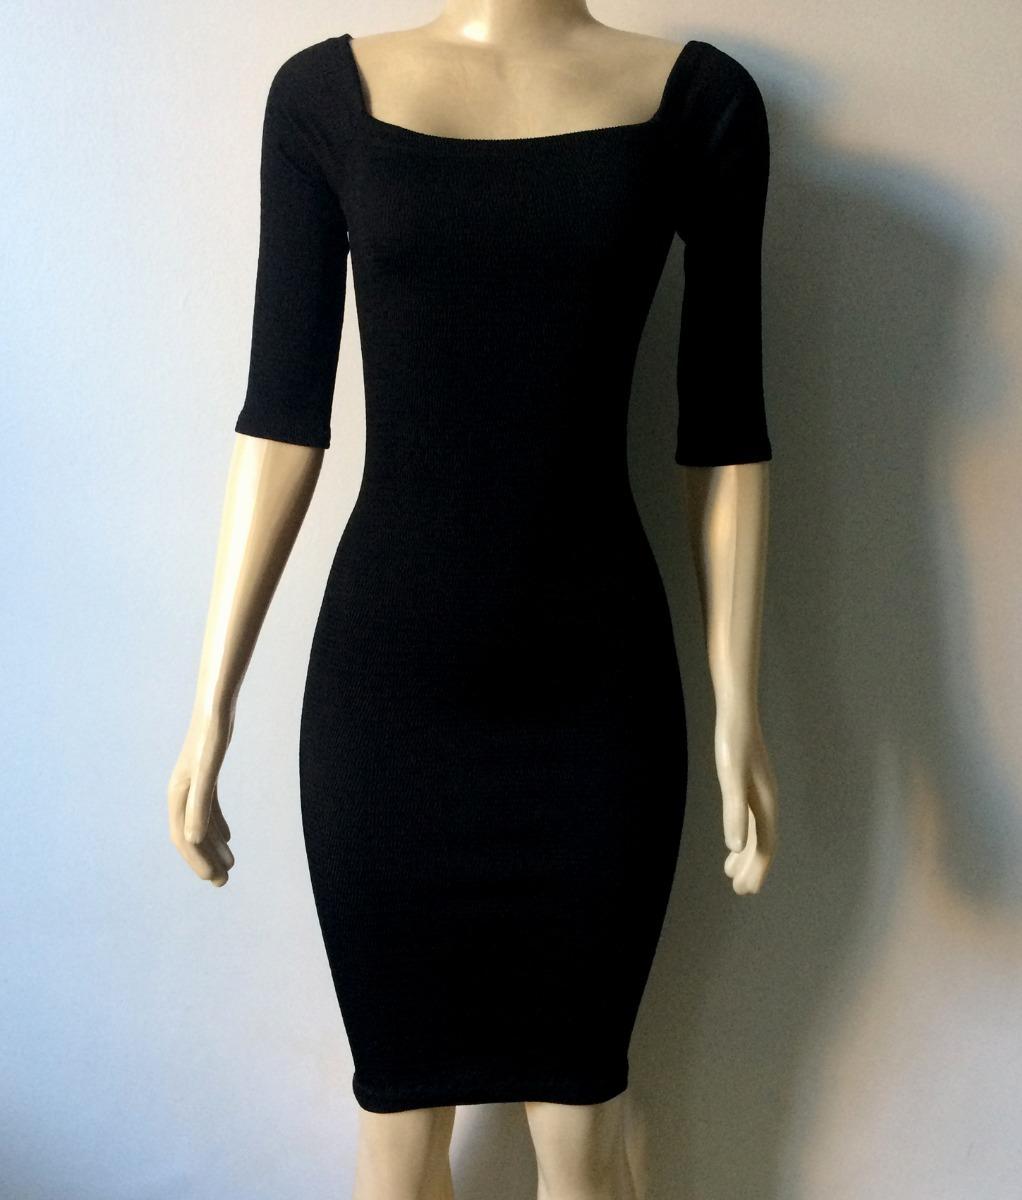 af40b827e elegante vestido preto modelo tubinho - festas (exclusivo!) Carregando zoom.